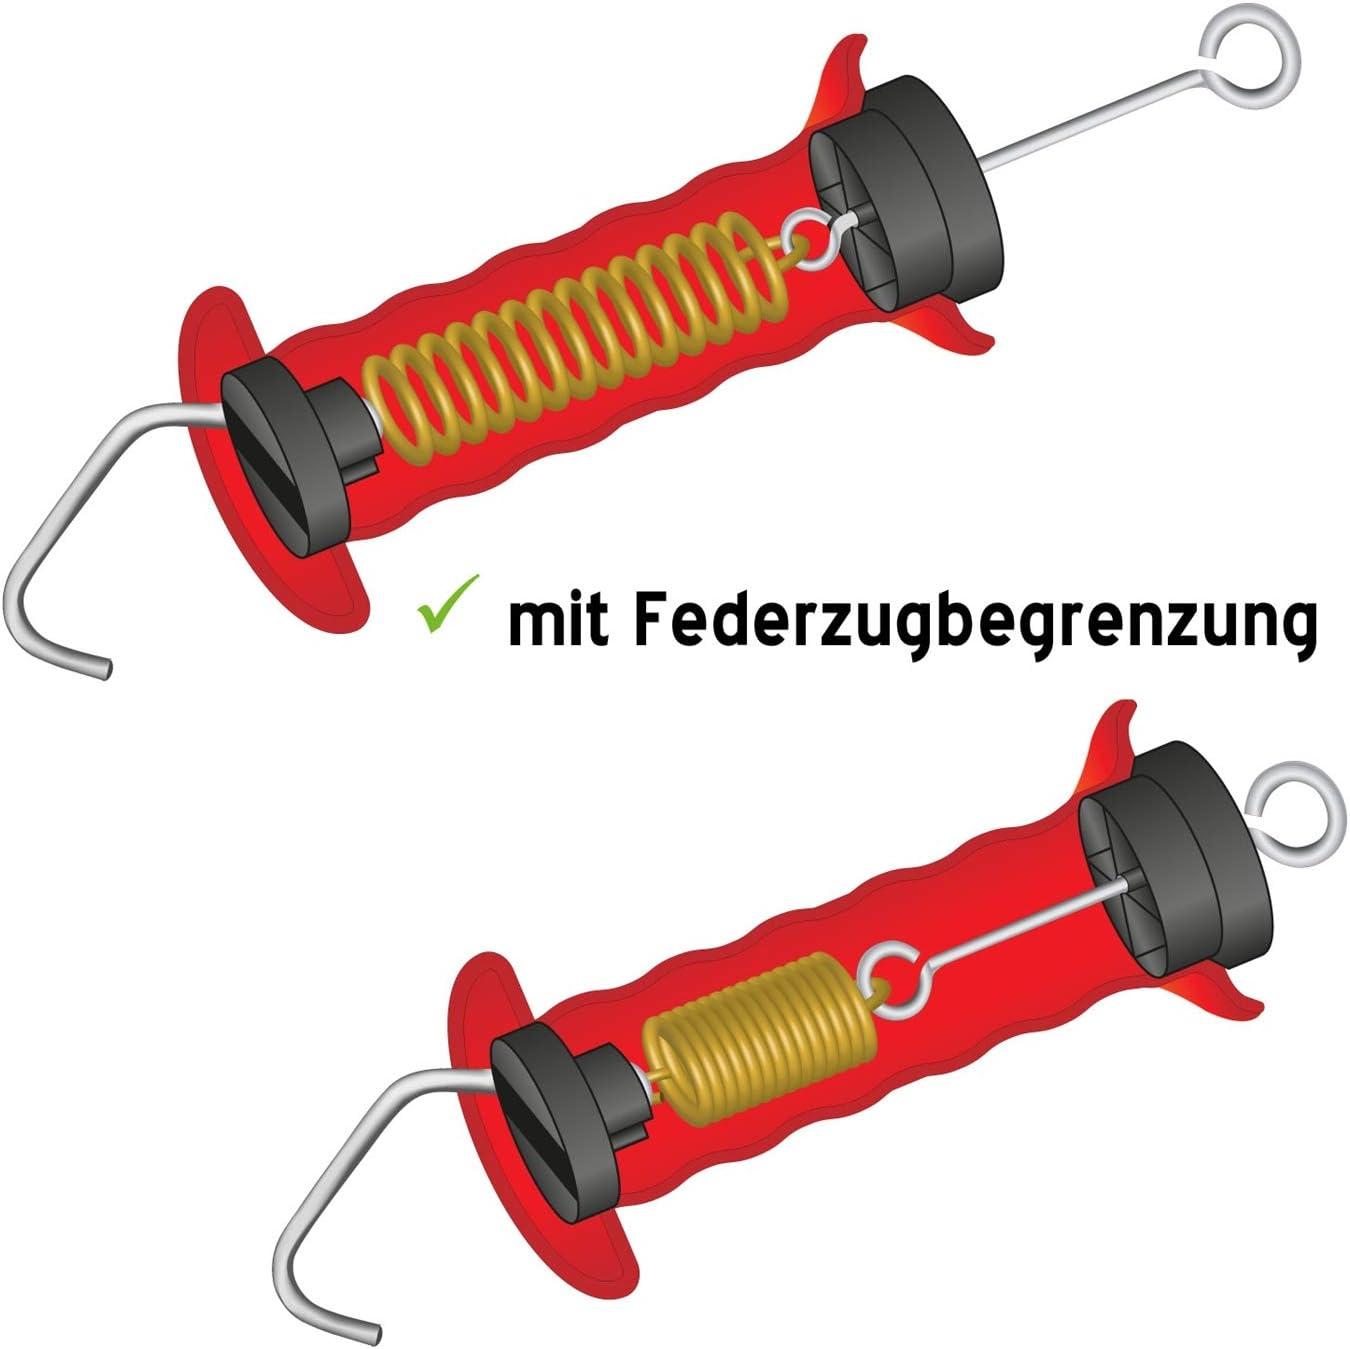 rojo Empu/ñadura para puerta pastor el/éctrico con gancho y muelle con limitador de tensi/ón